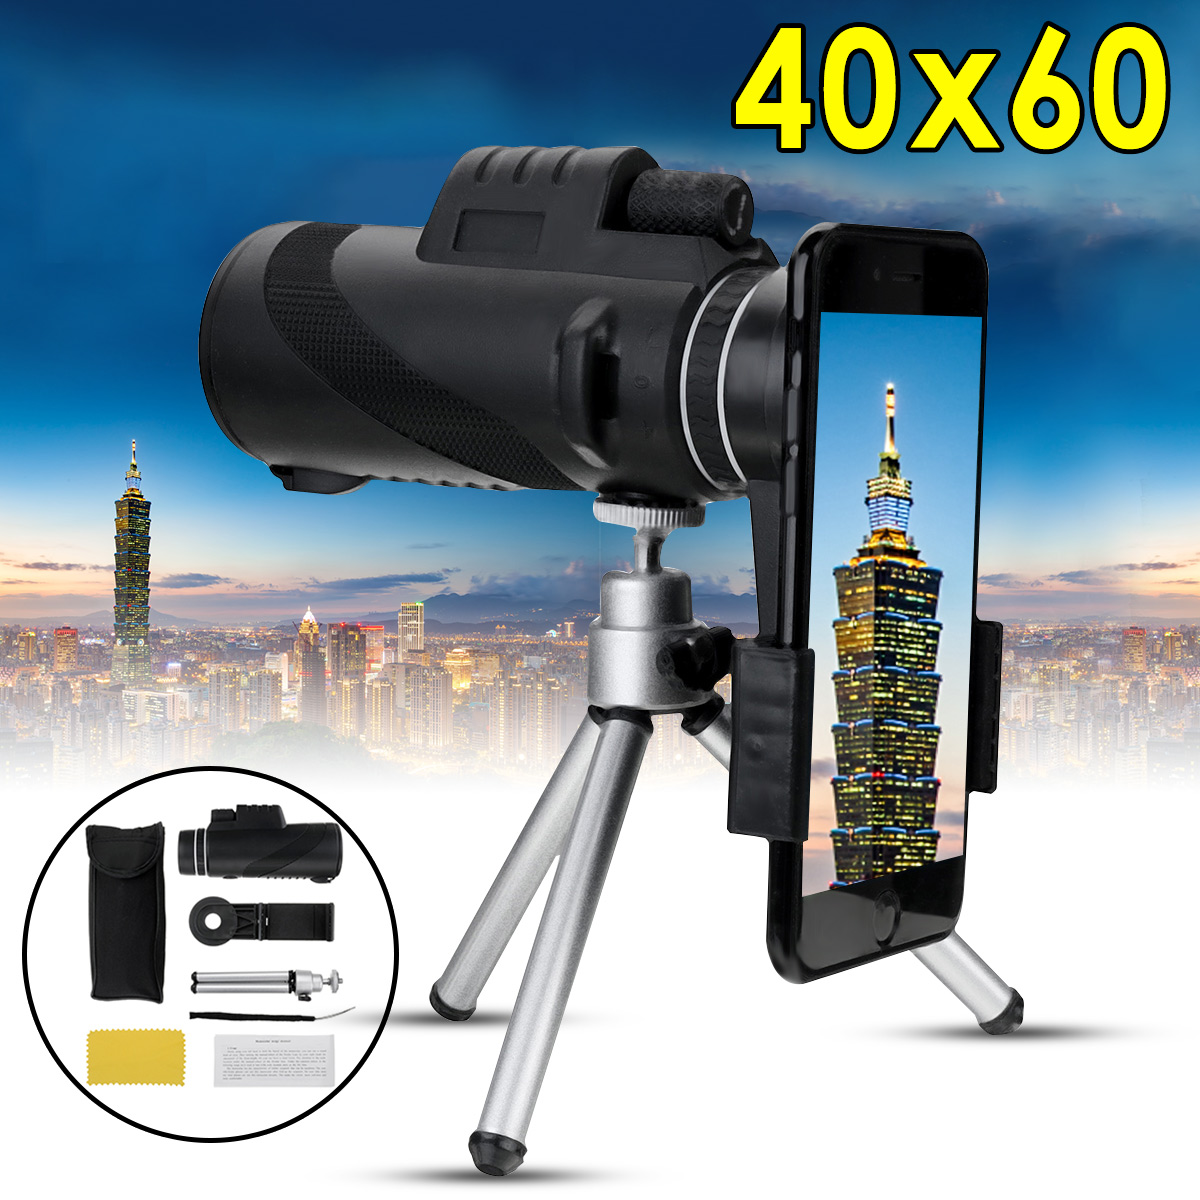 40X60 Zoom HD Objektiv Mini Nachtsicht Monocular Teleskop mit Stativ Telefon Clip Handheld Fernglas für Outdoor Jagd camping